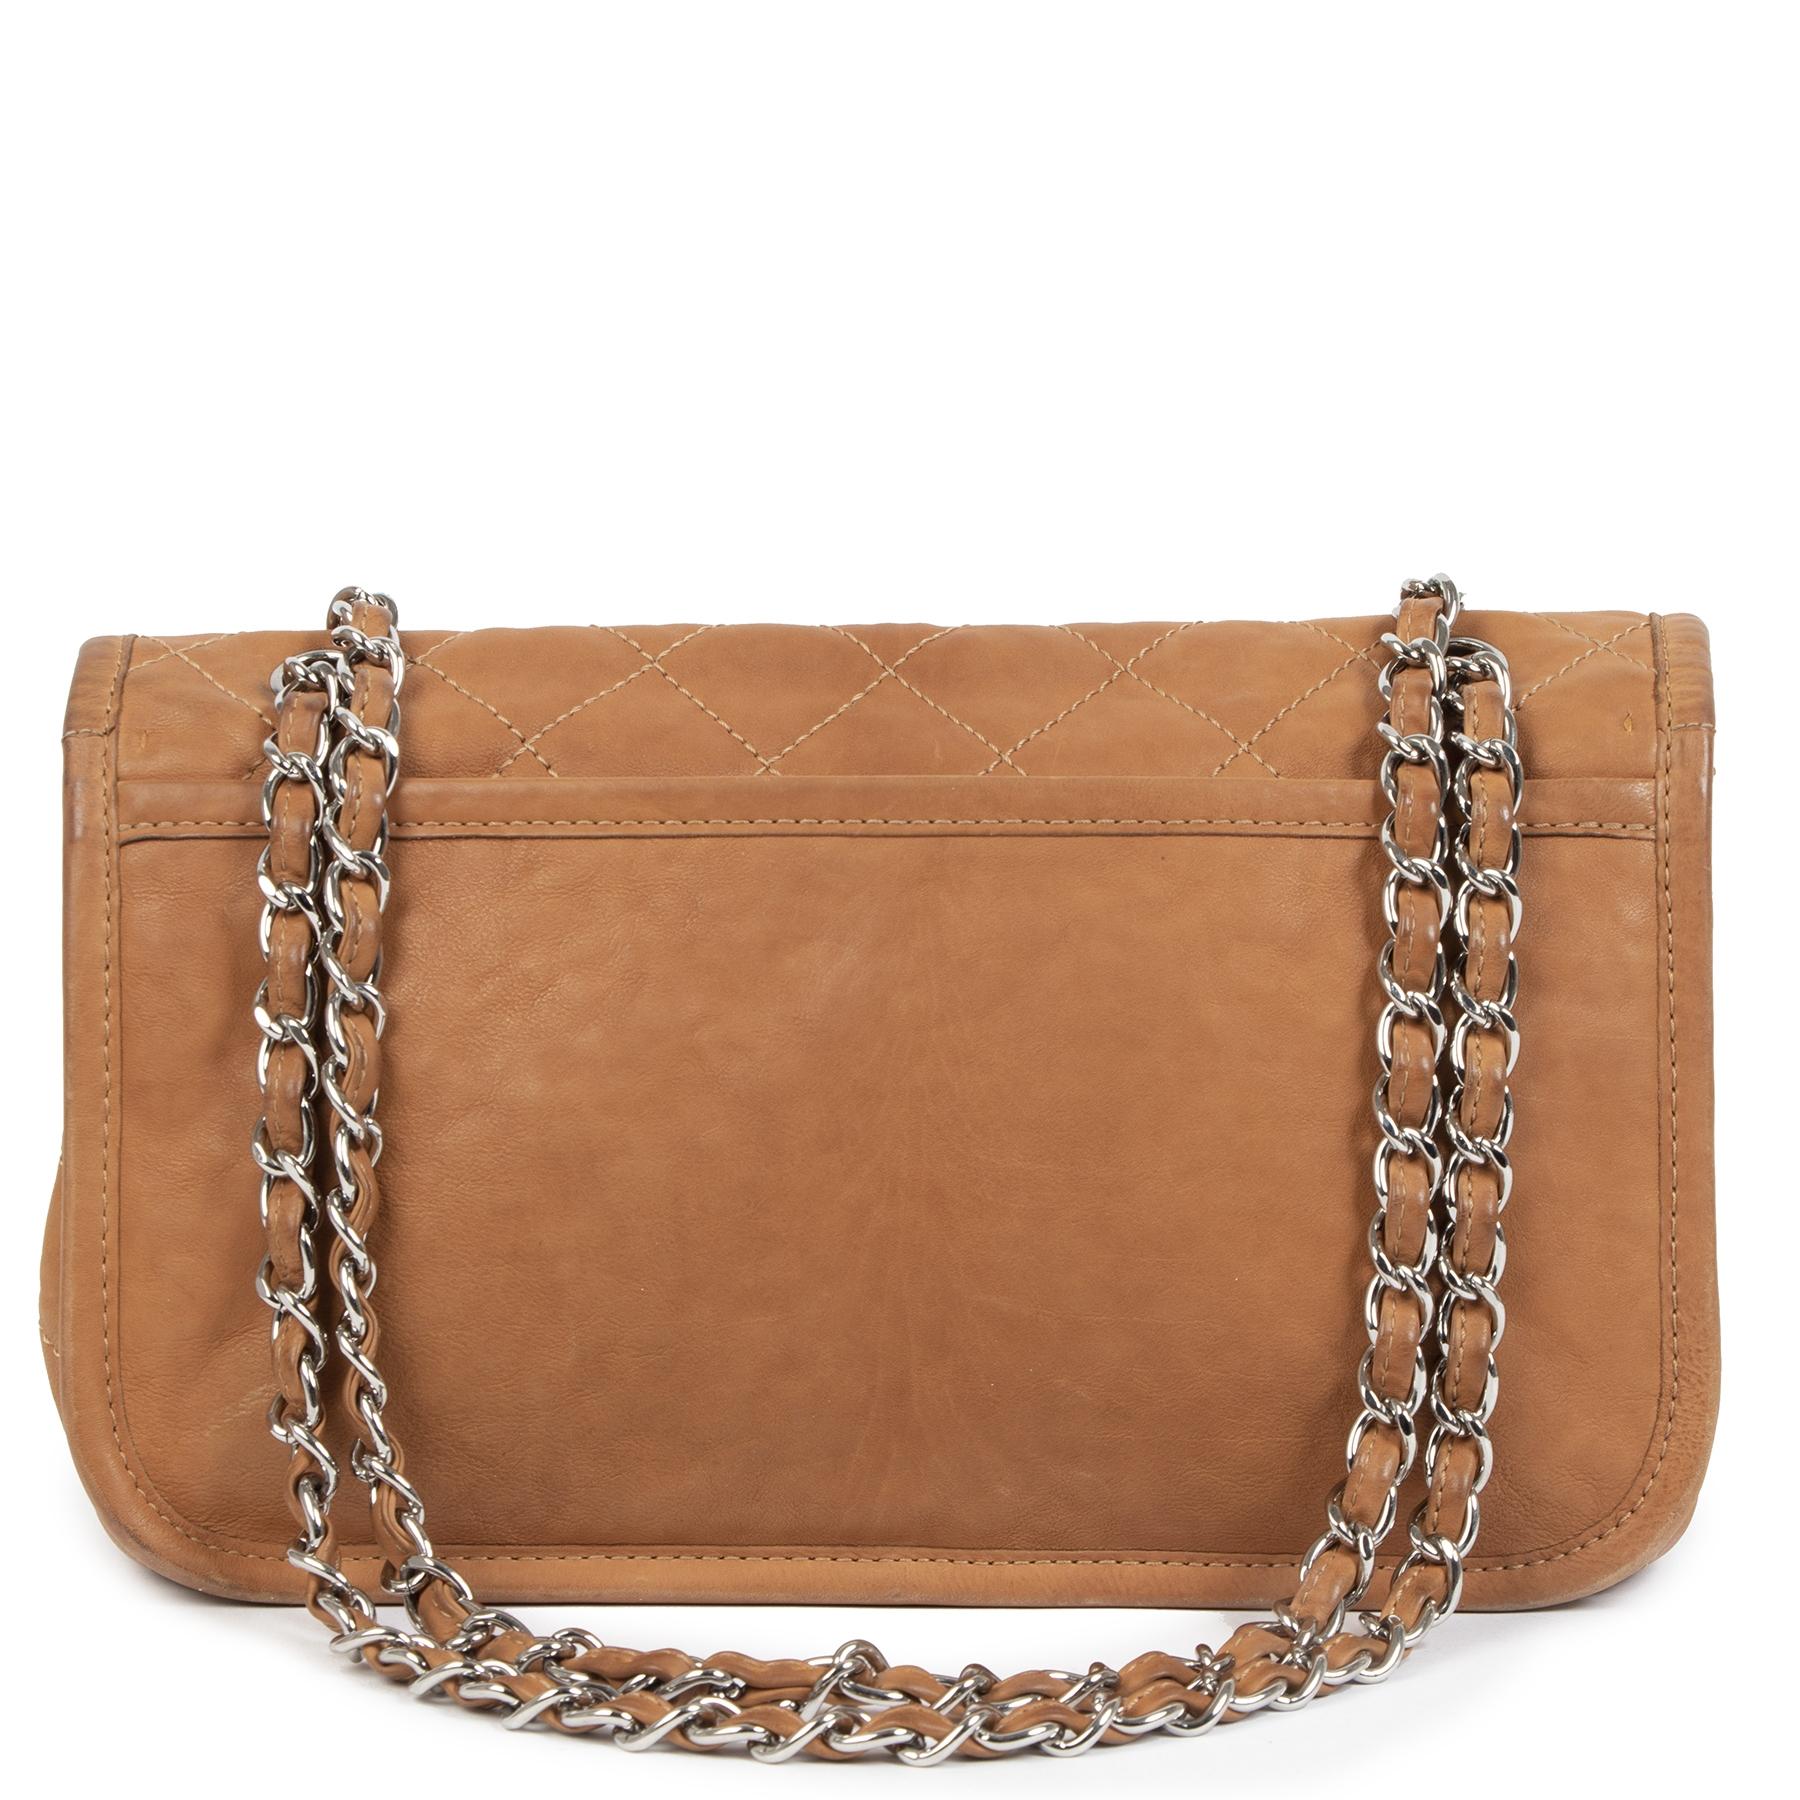 Authentieke Tweedehands Chanel Quilted Camel Aged Leather Flap Bag juiste prijs veilig online shoppen luxe merken webshop winkelen Antwerpen België mode fashion